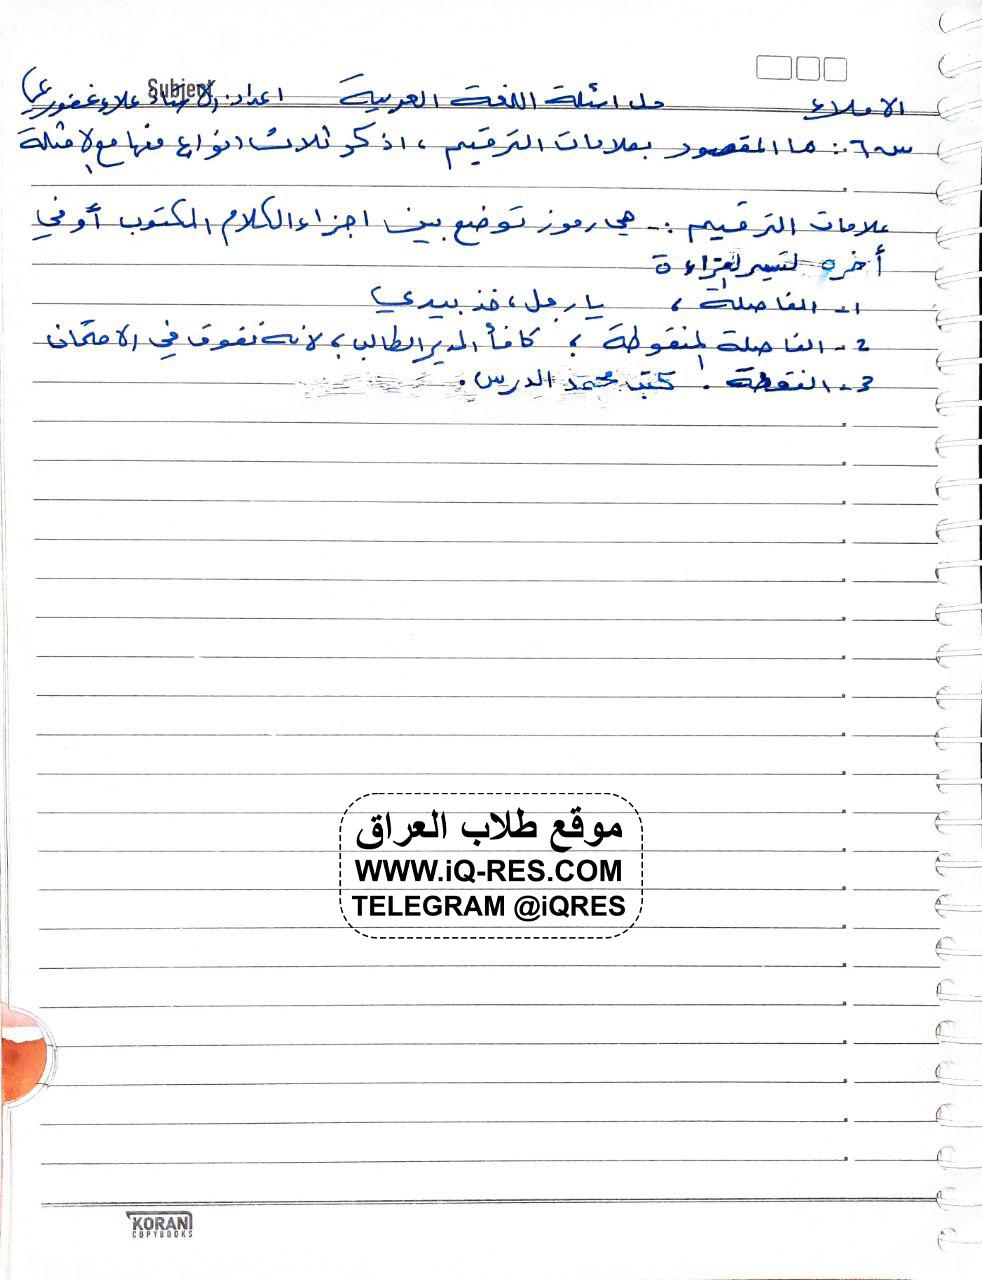 اسئلة مادة اللغة العربية للصف الثالث المتوسط 2021 الدور الاول مع الحل 610